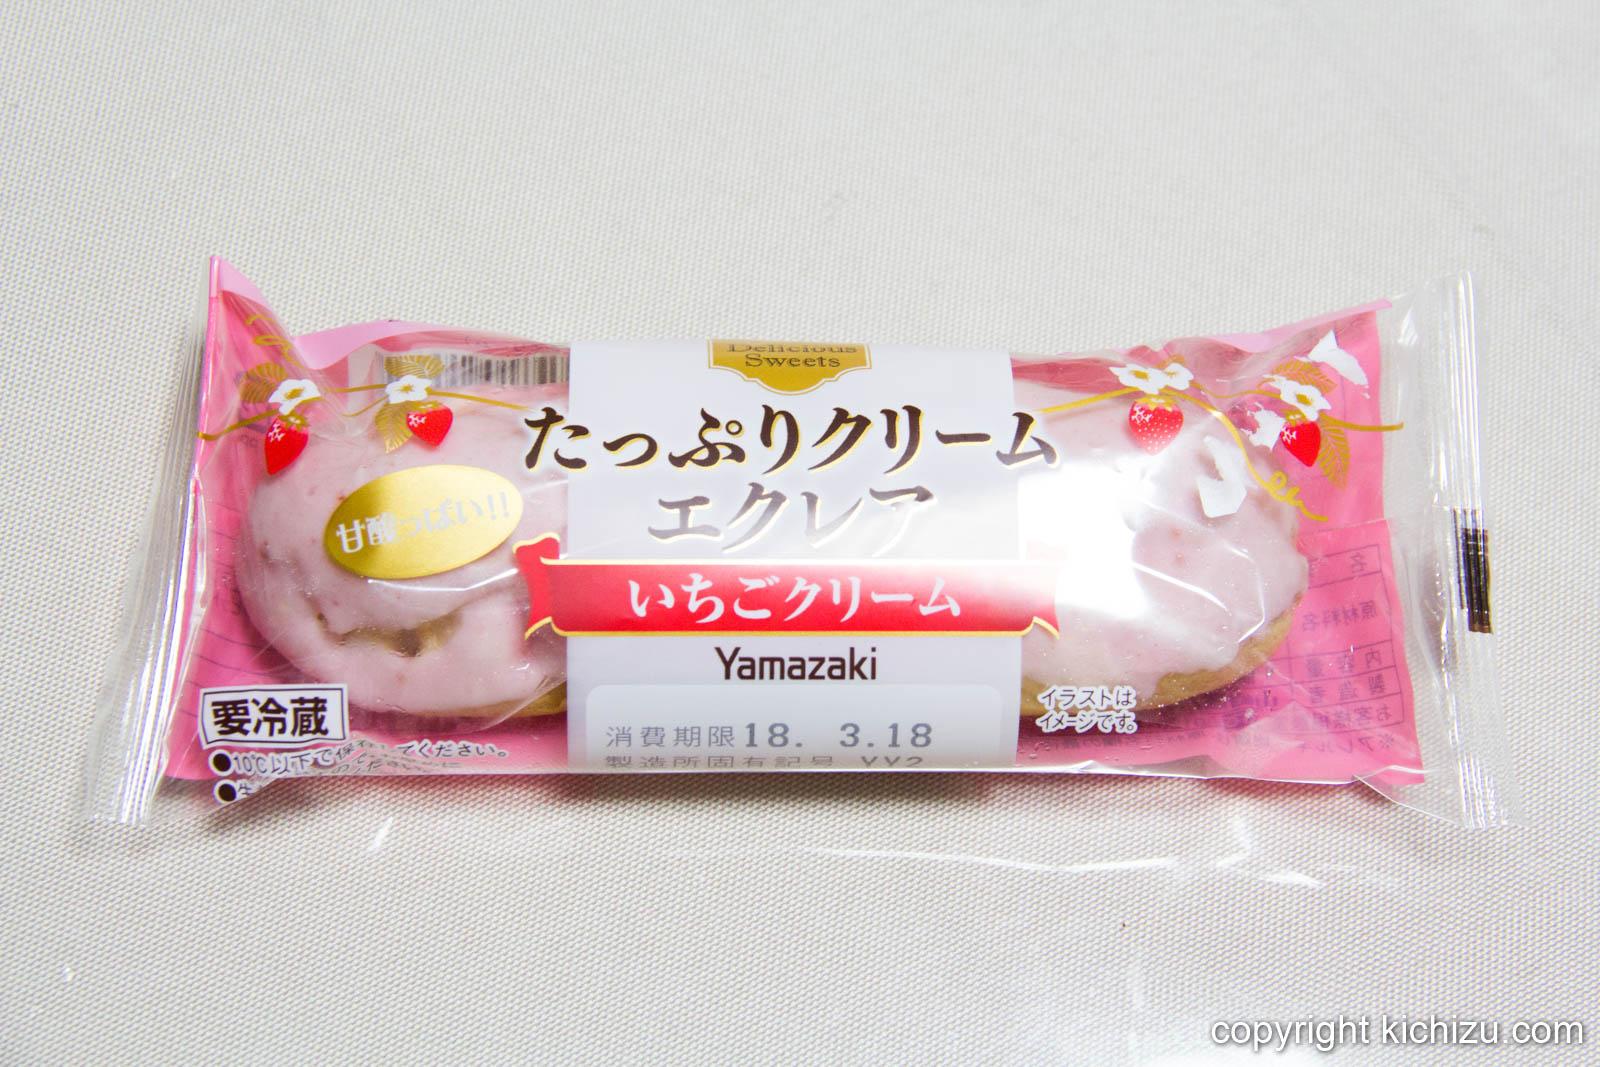 ヤマザキ Delicious Sweets たっぷりクリームエクレア いちごクリーム